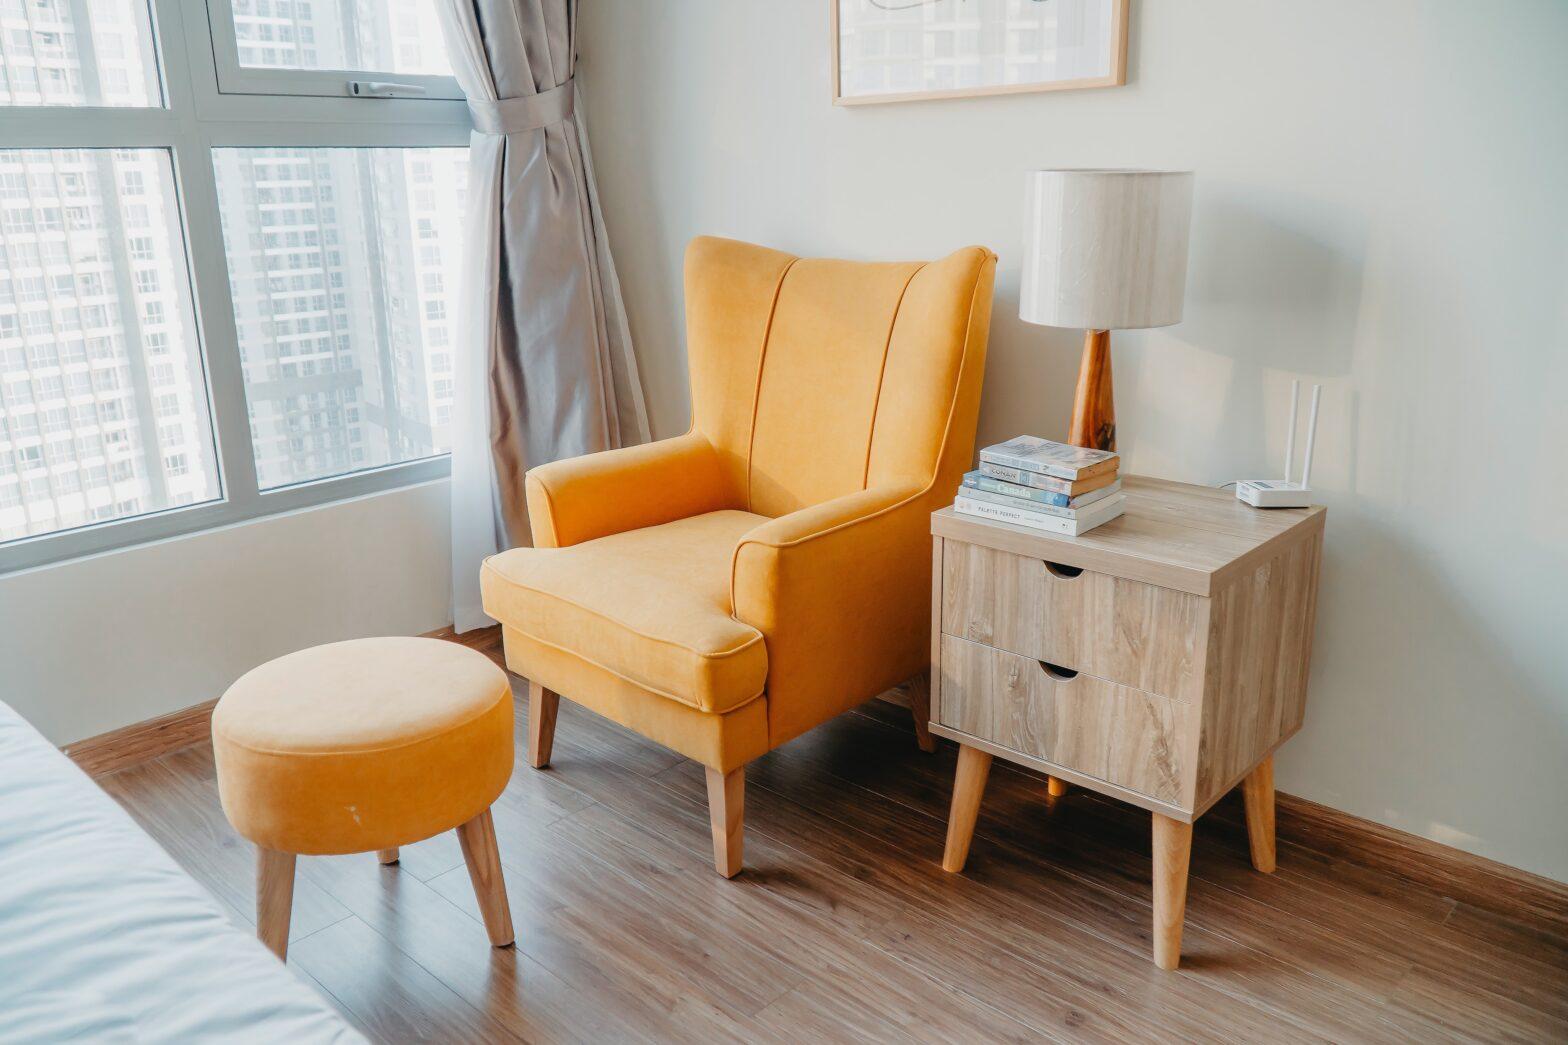 fotel a szobában, kanapé anyaghoz hasonlóan